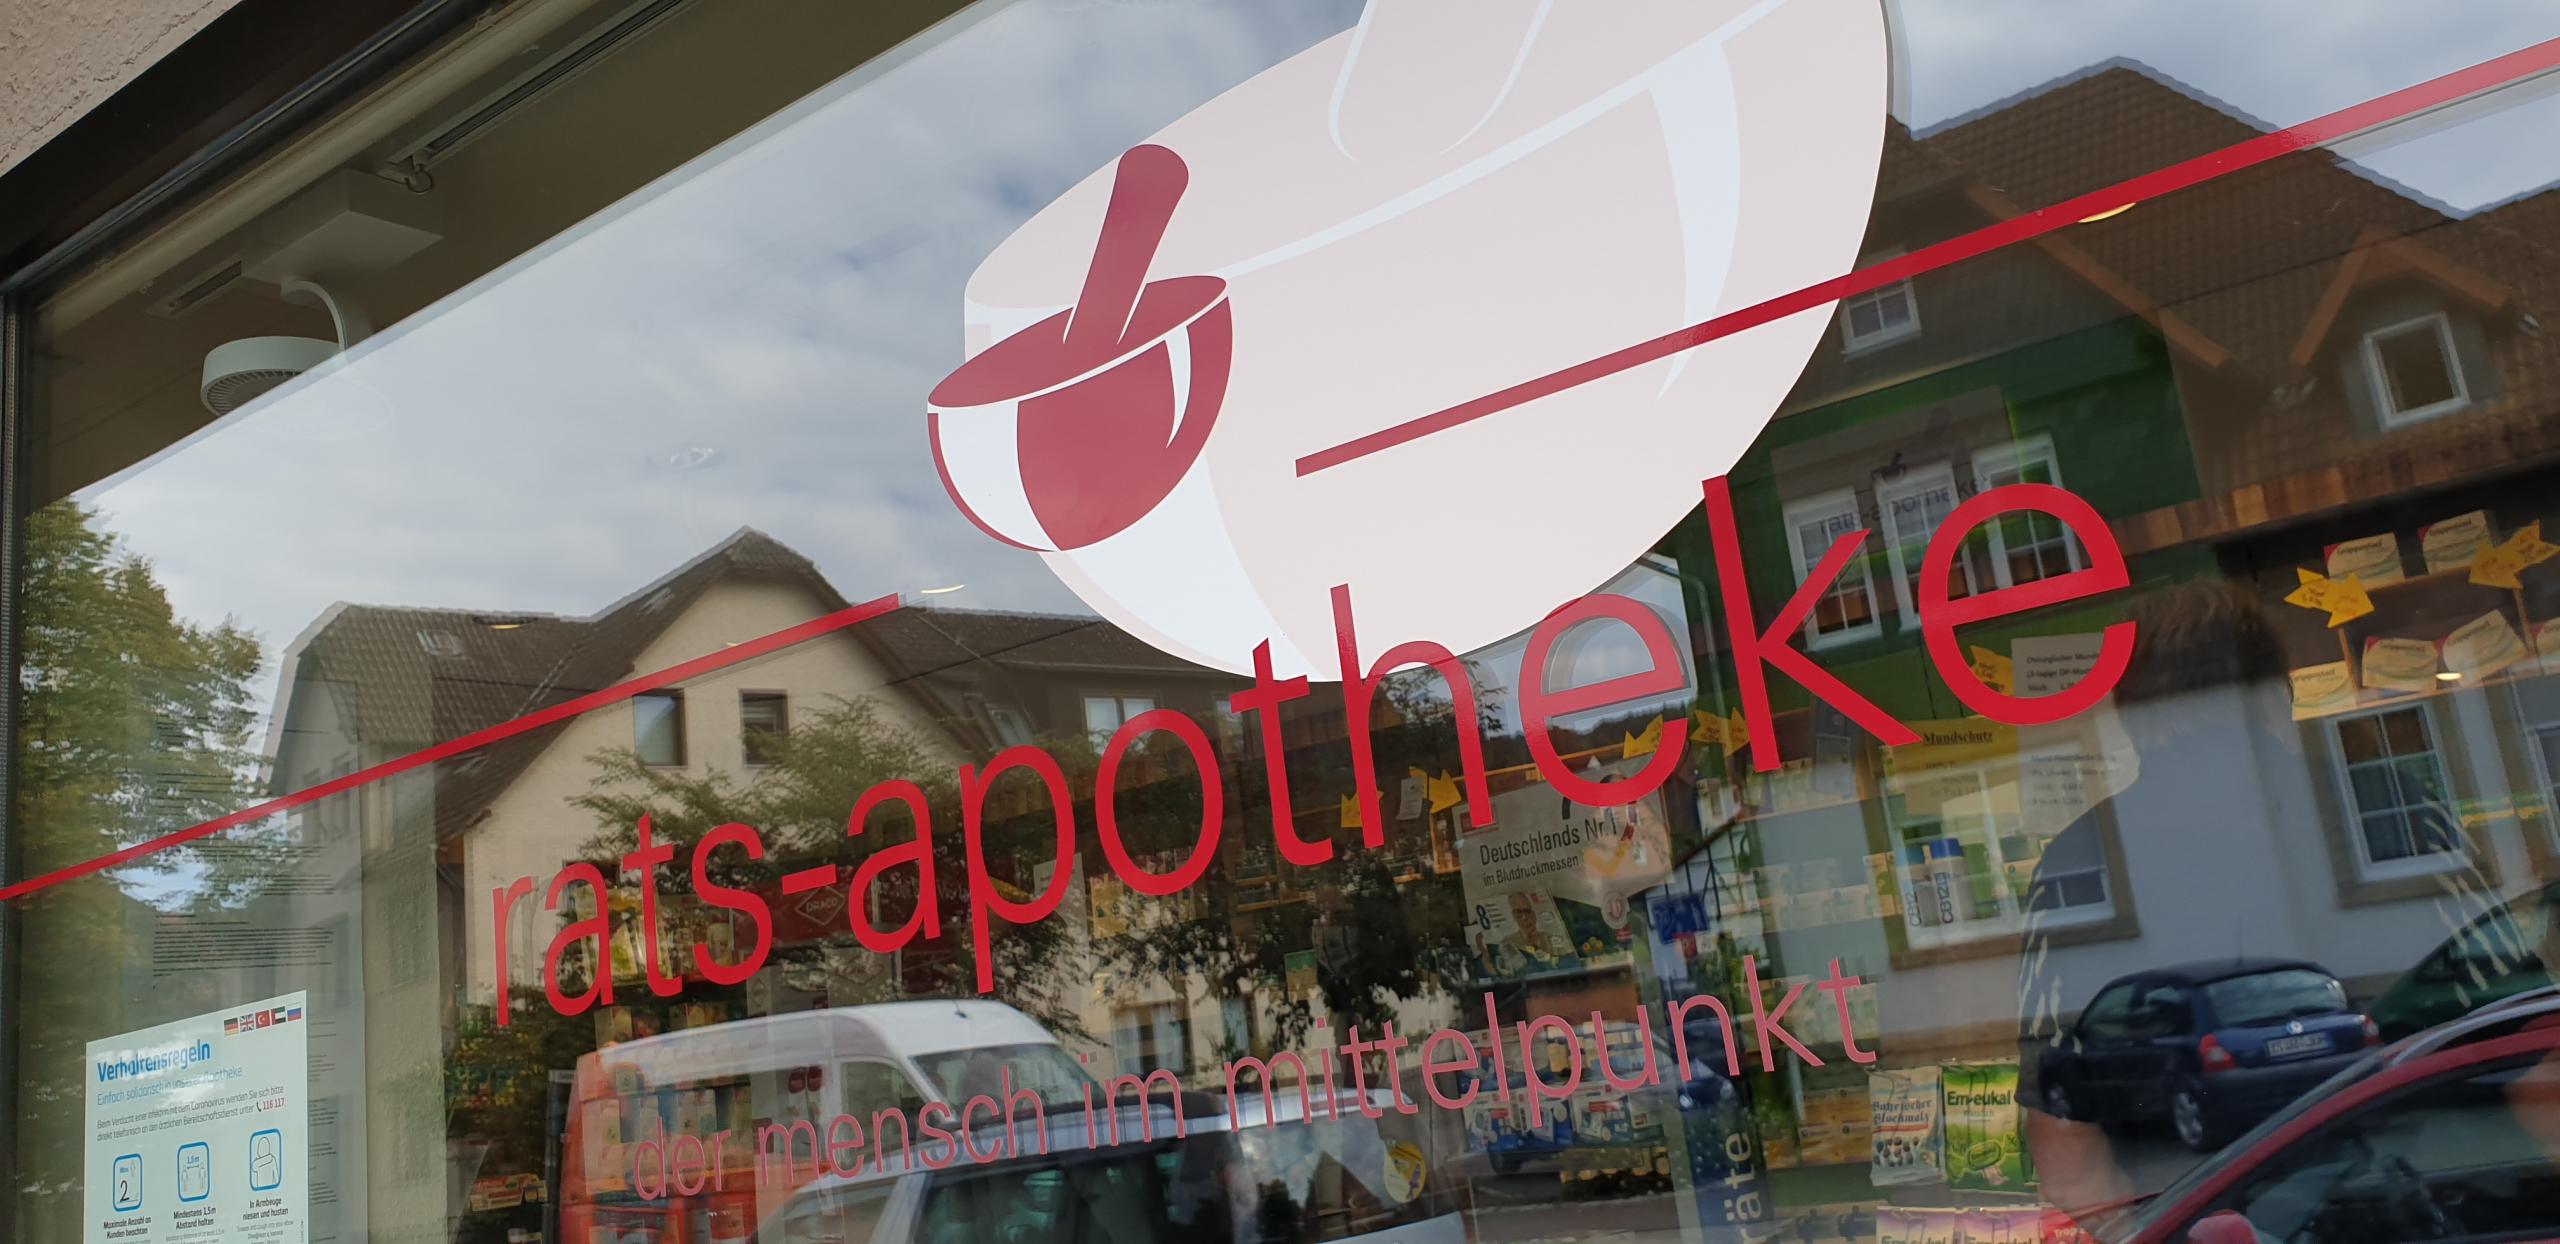 Neue Schaufenster-Beschriftung für die Rats Apotheke in Delligsen